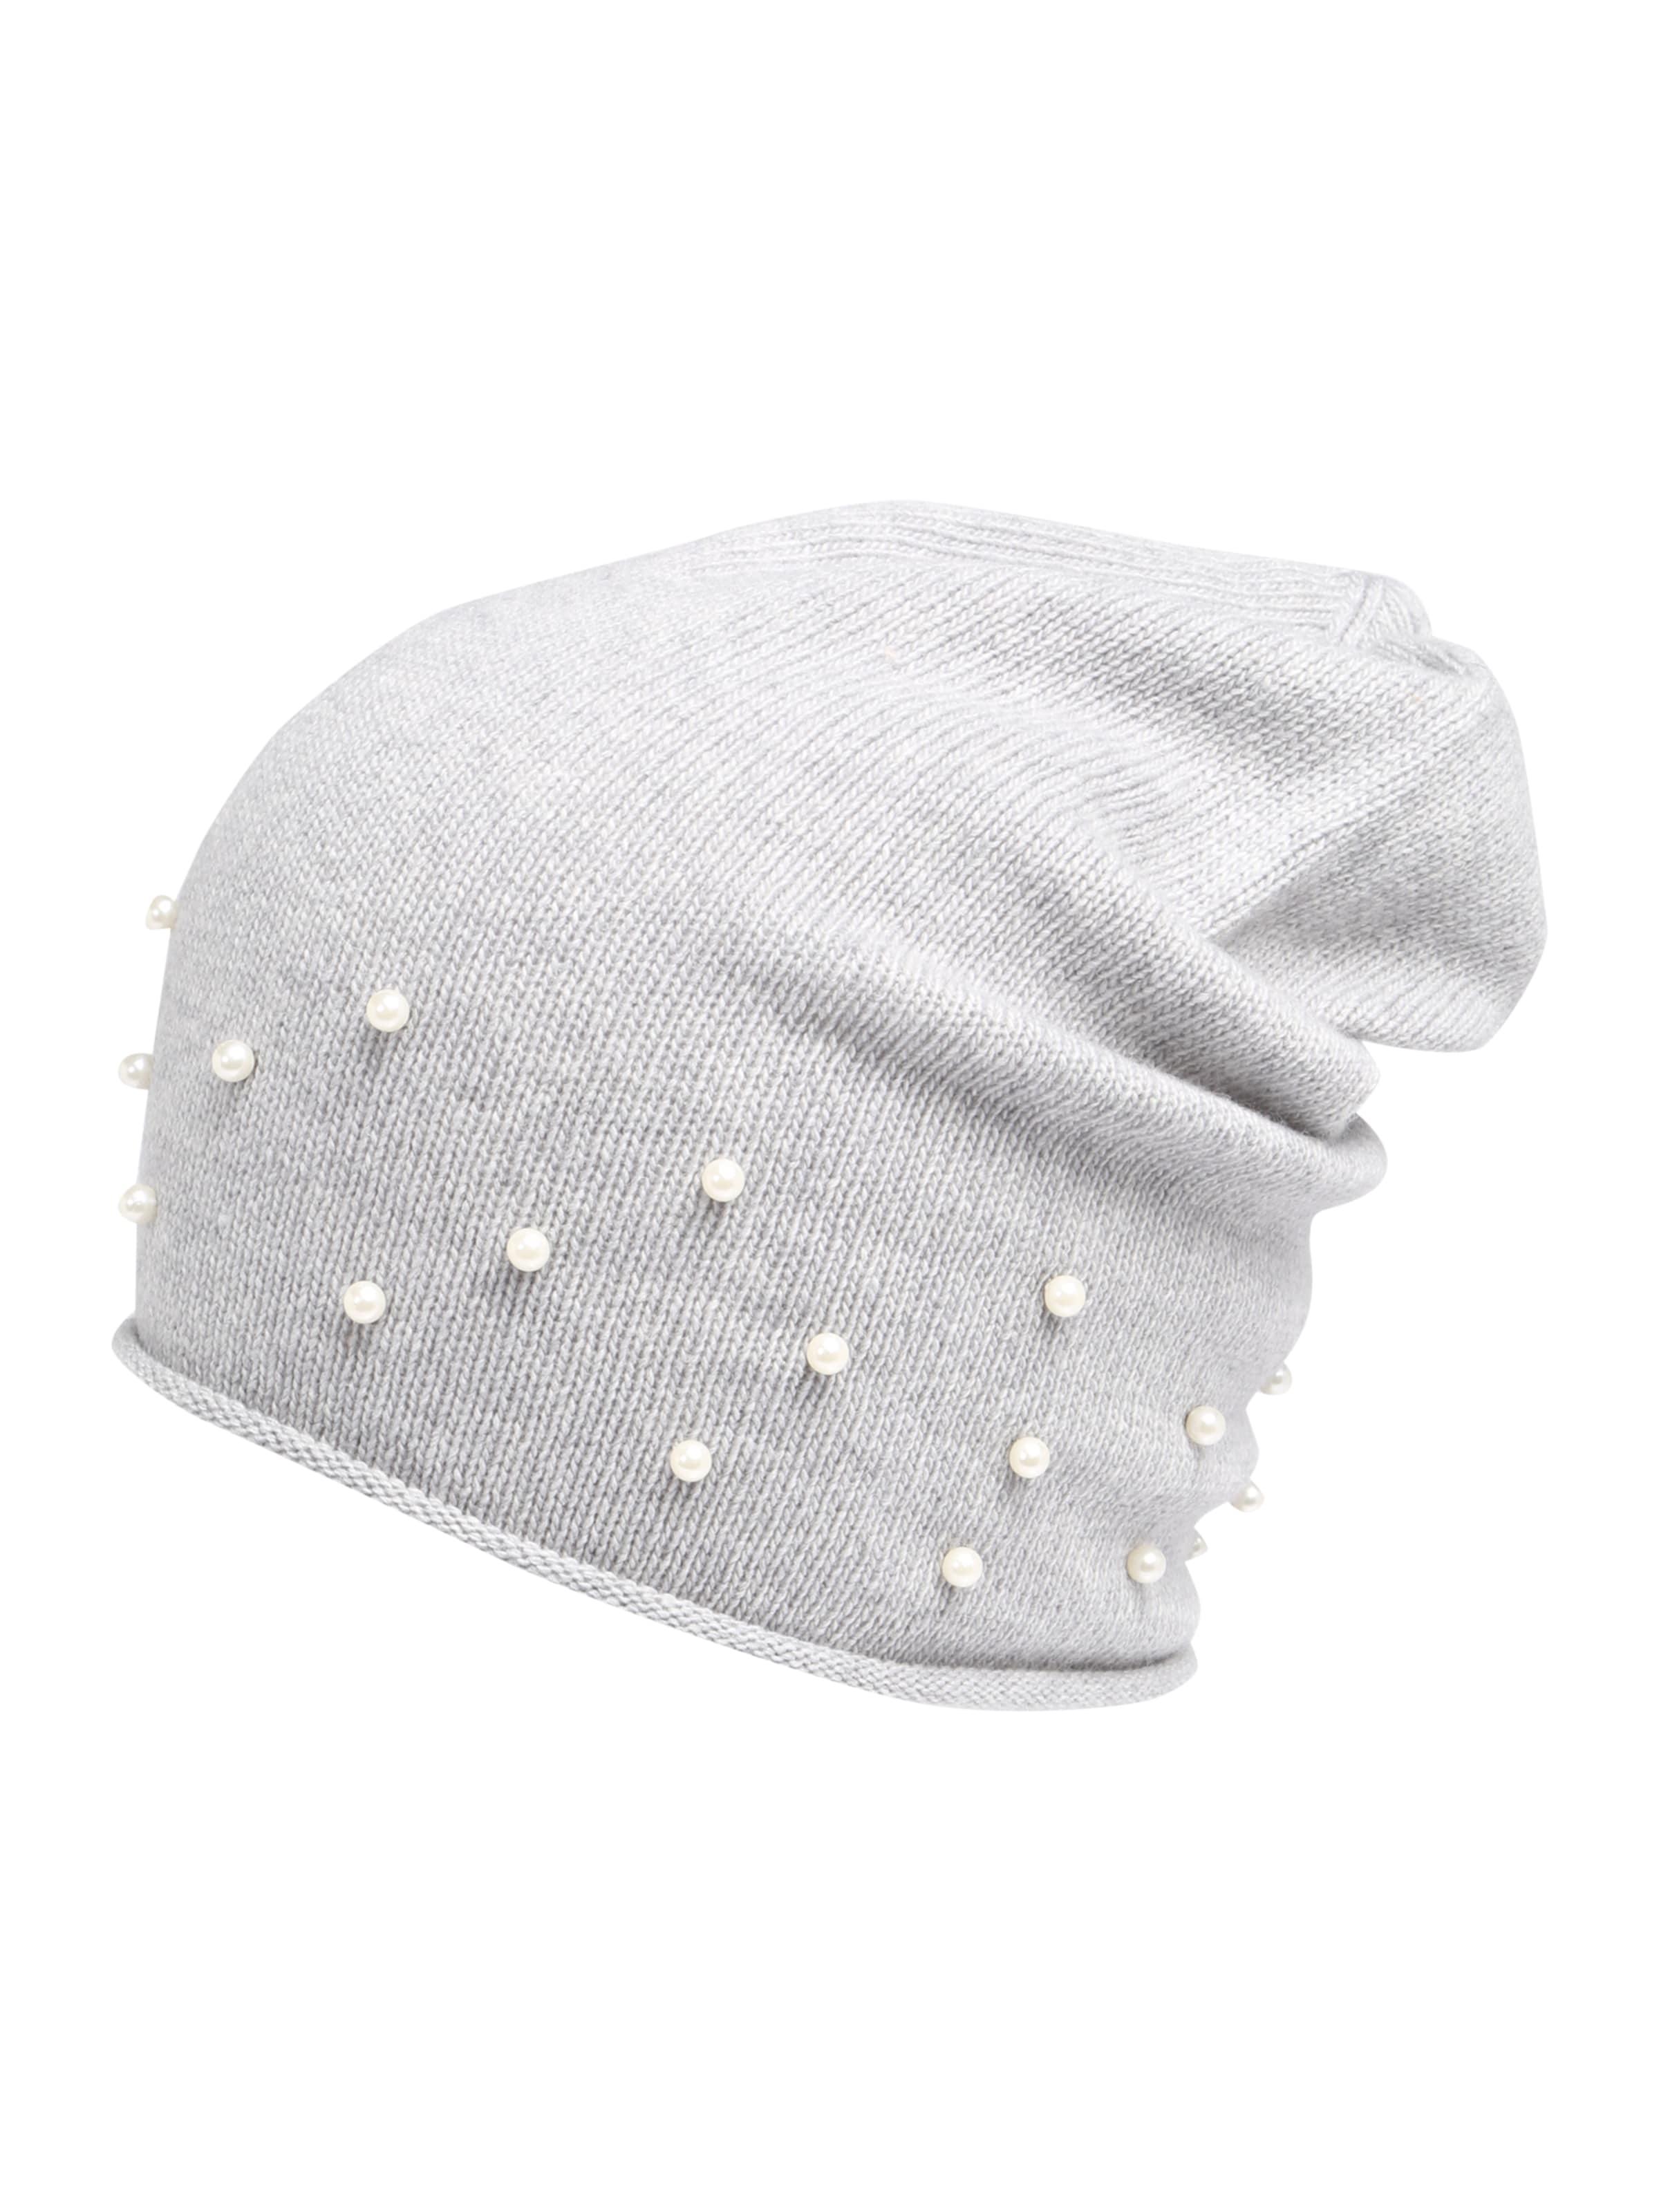 Zwillingsherz Mütze mit Perlen Preise Für Verkauf Kaufen Günstig Online Billig Verkauf Suchen uf7gkhBkgr